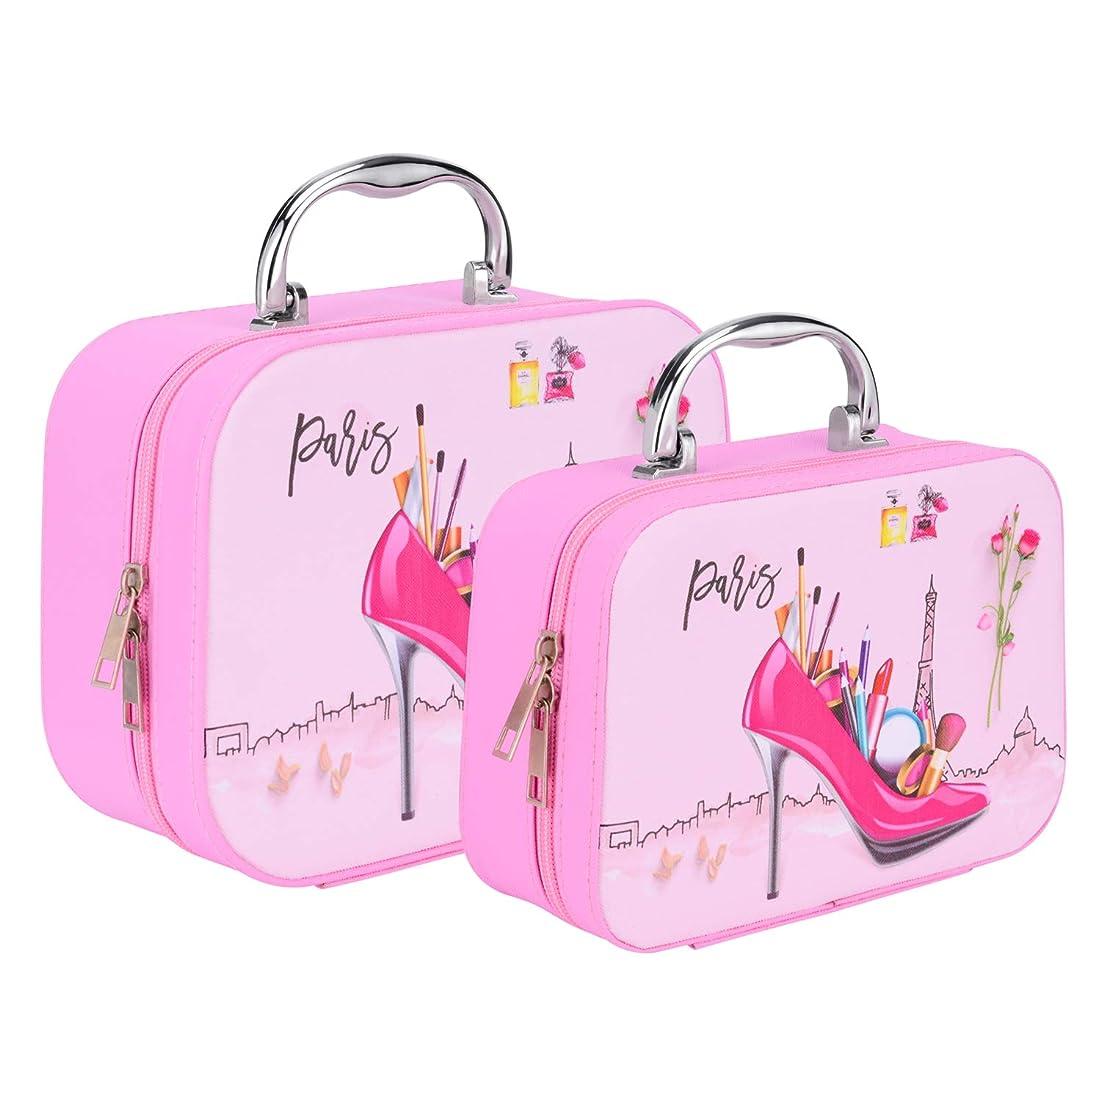 入札落胆する多用途Alliswellセットの2ポータブル化粧トレインケース化粧バッグ化粧品オーガナイザーケース内蔵ミラー、すべての化粧品に合わせてバッグオーガナイザートレインケース用女性ピンク